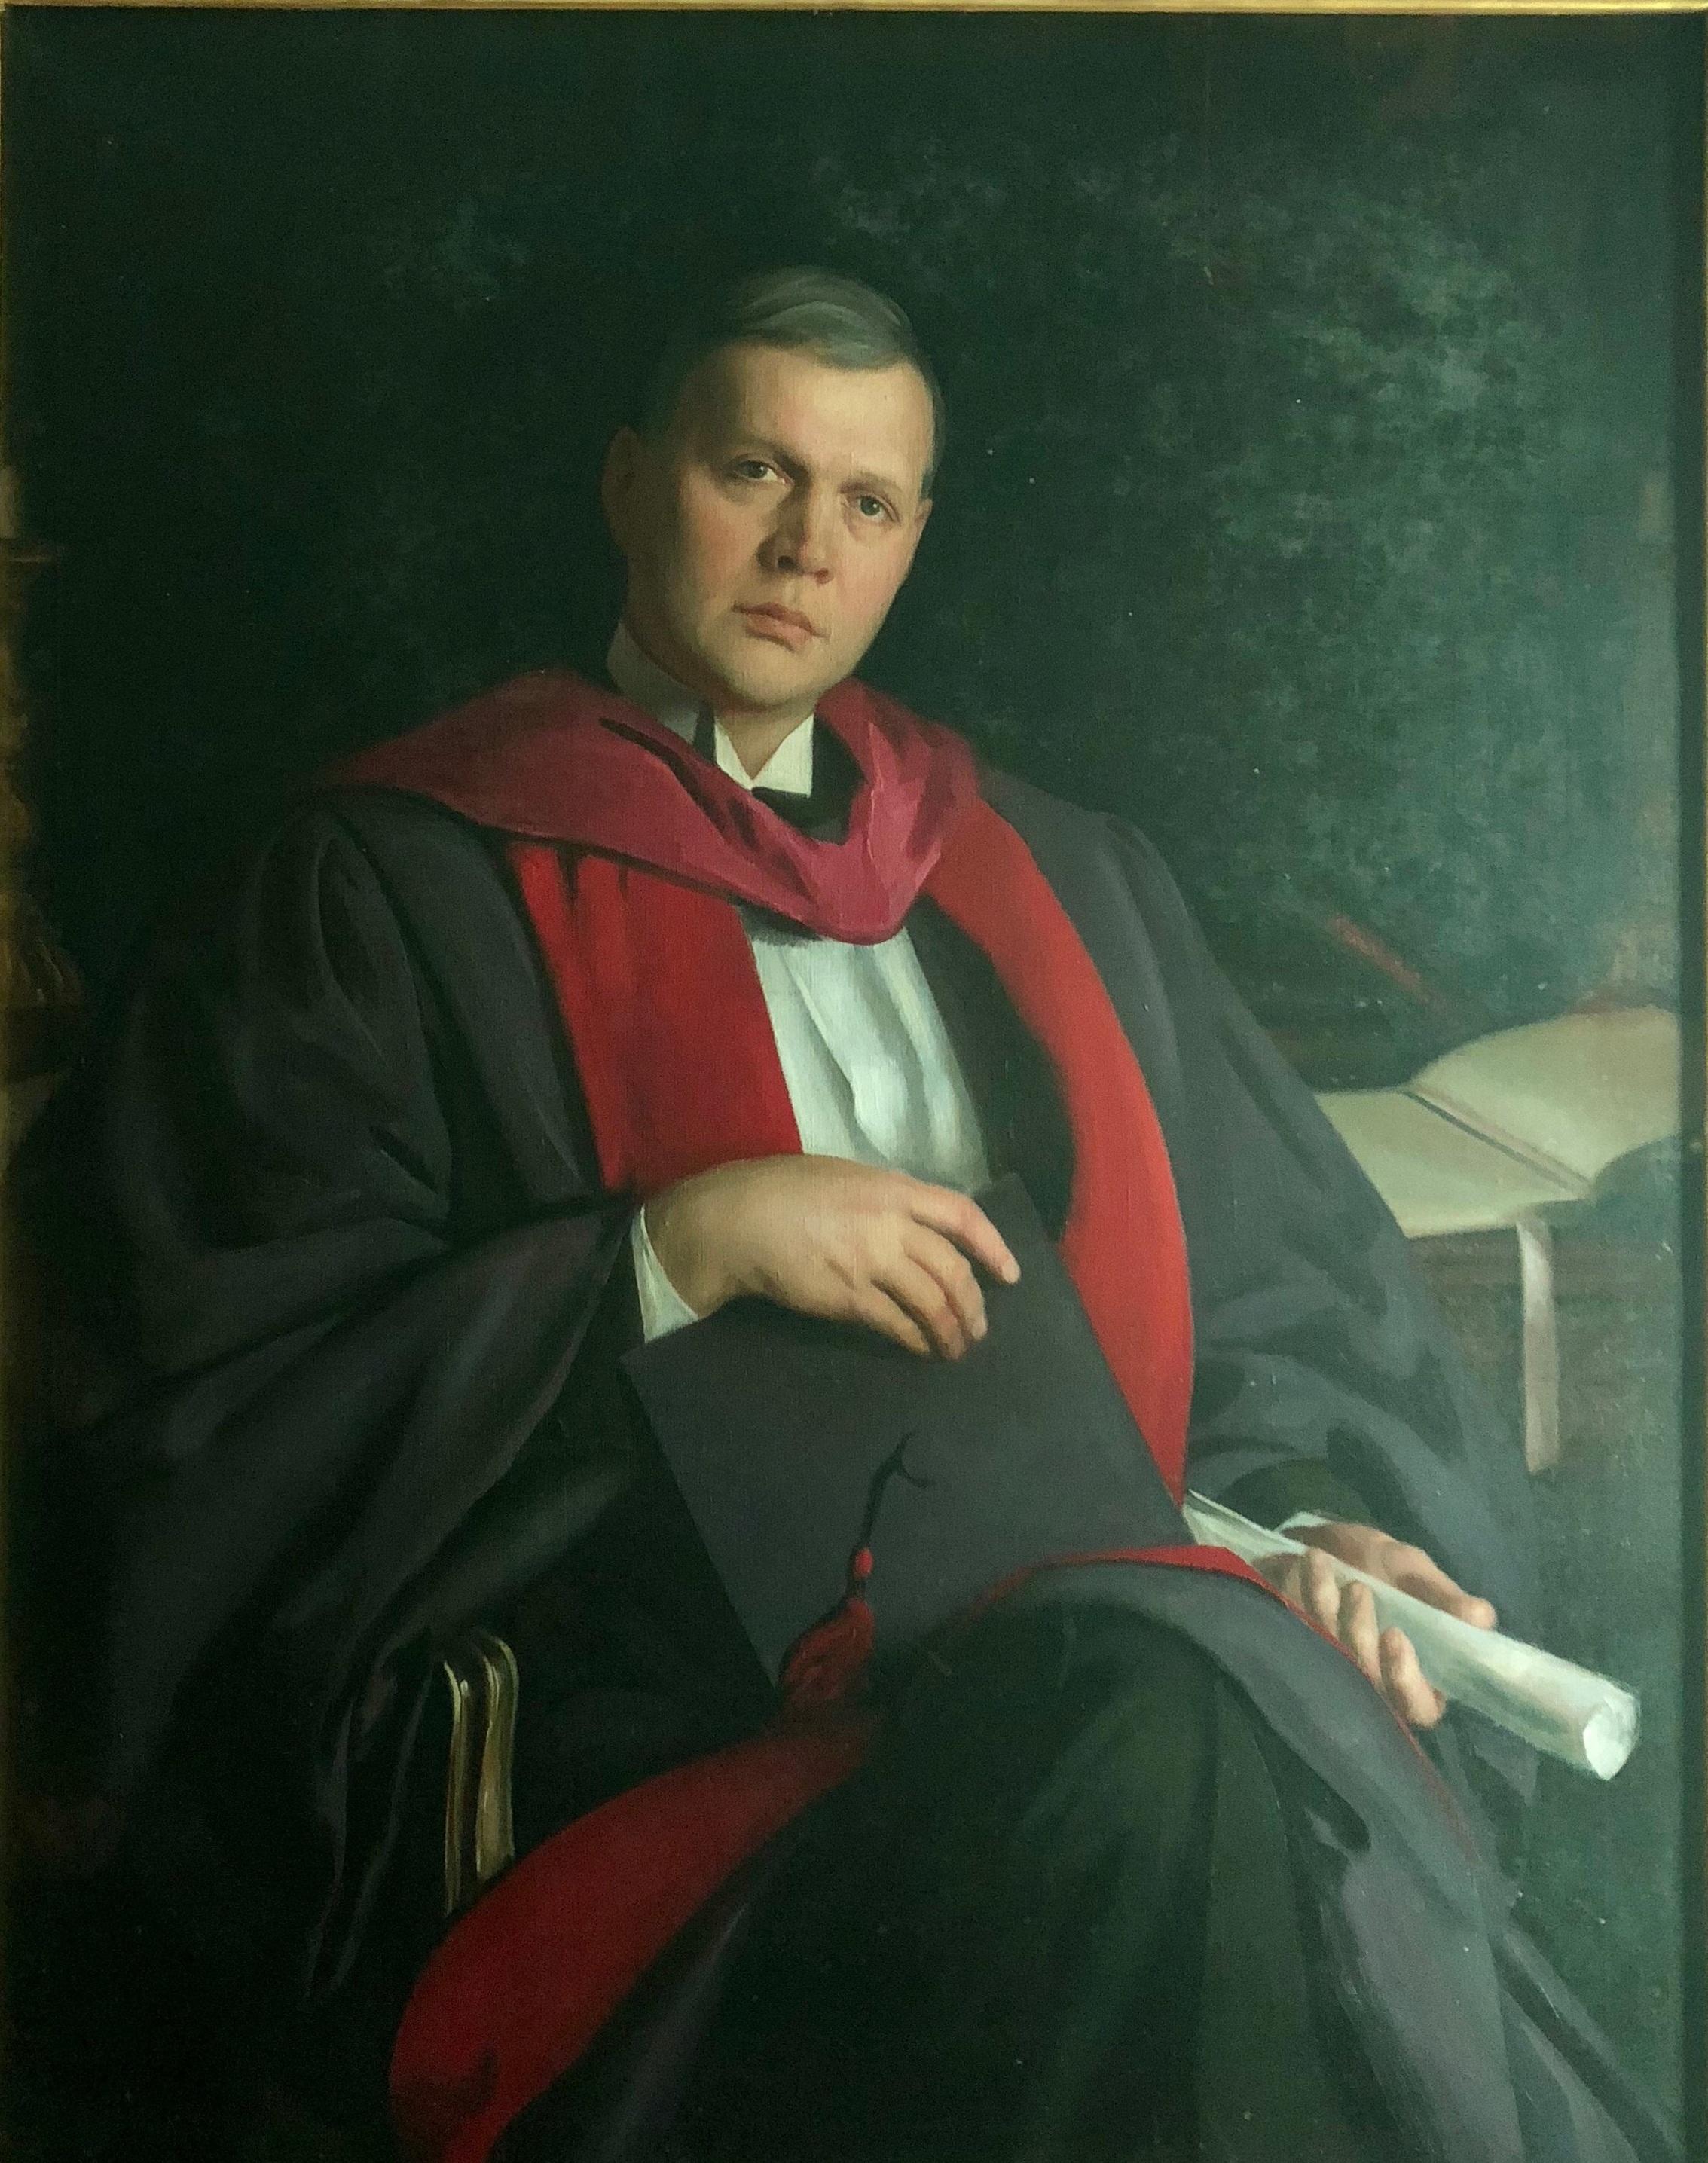 Dr. James Lincoln Huntington